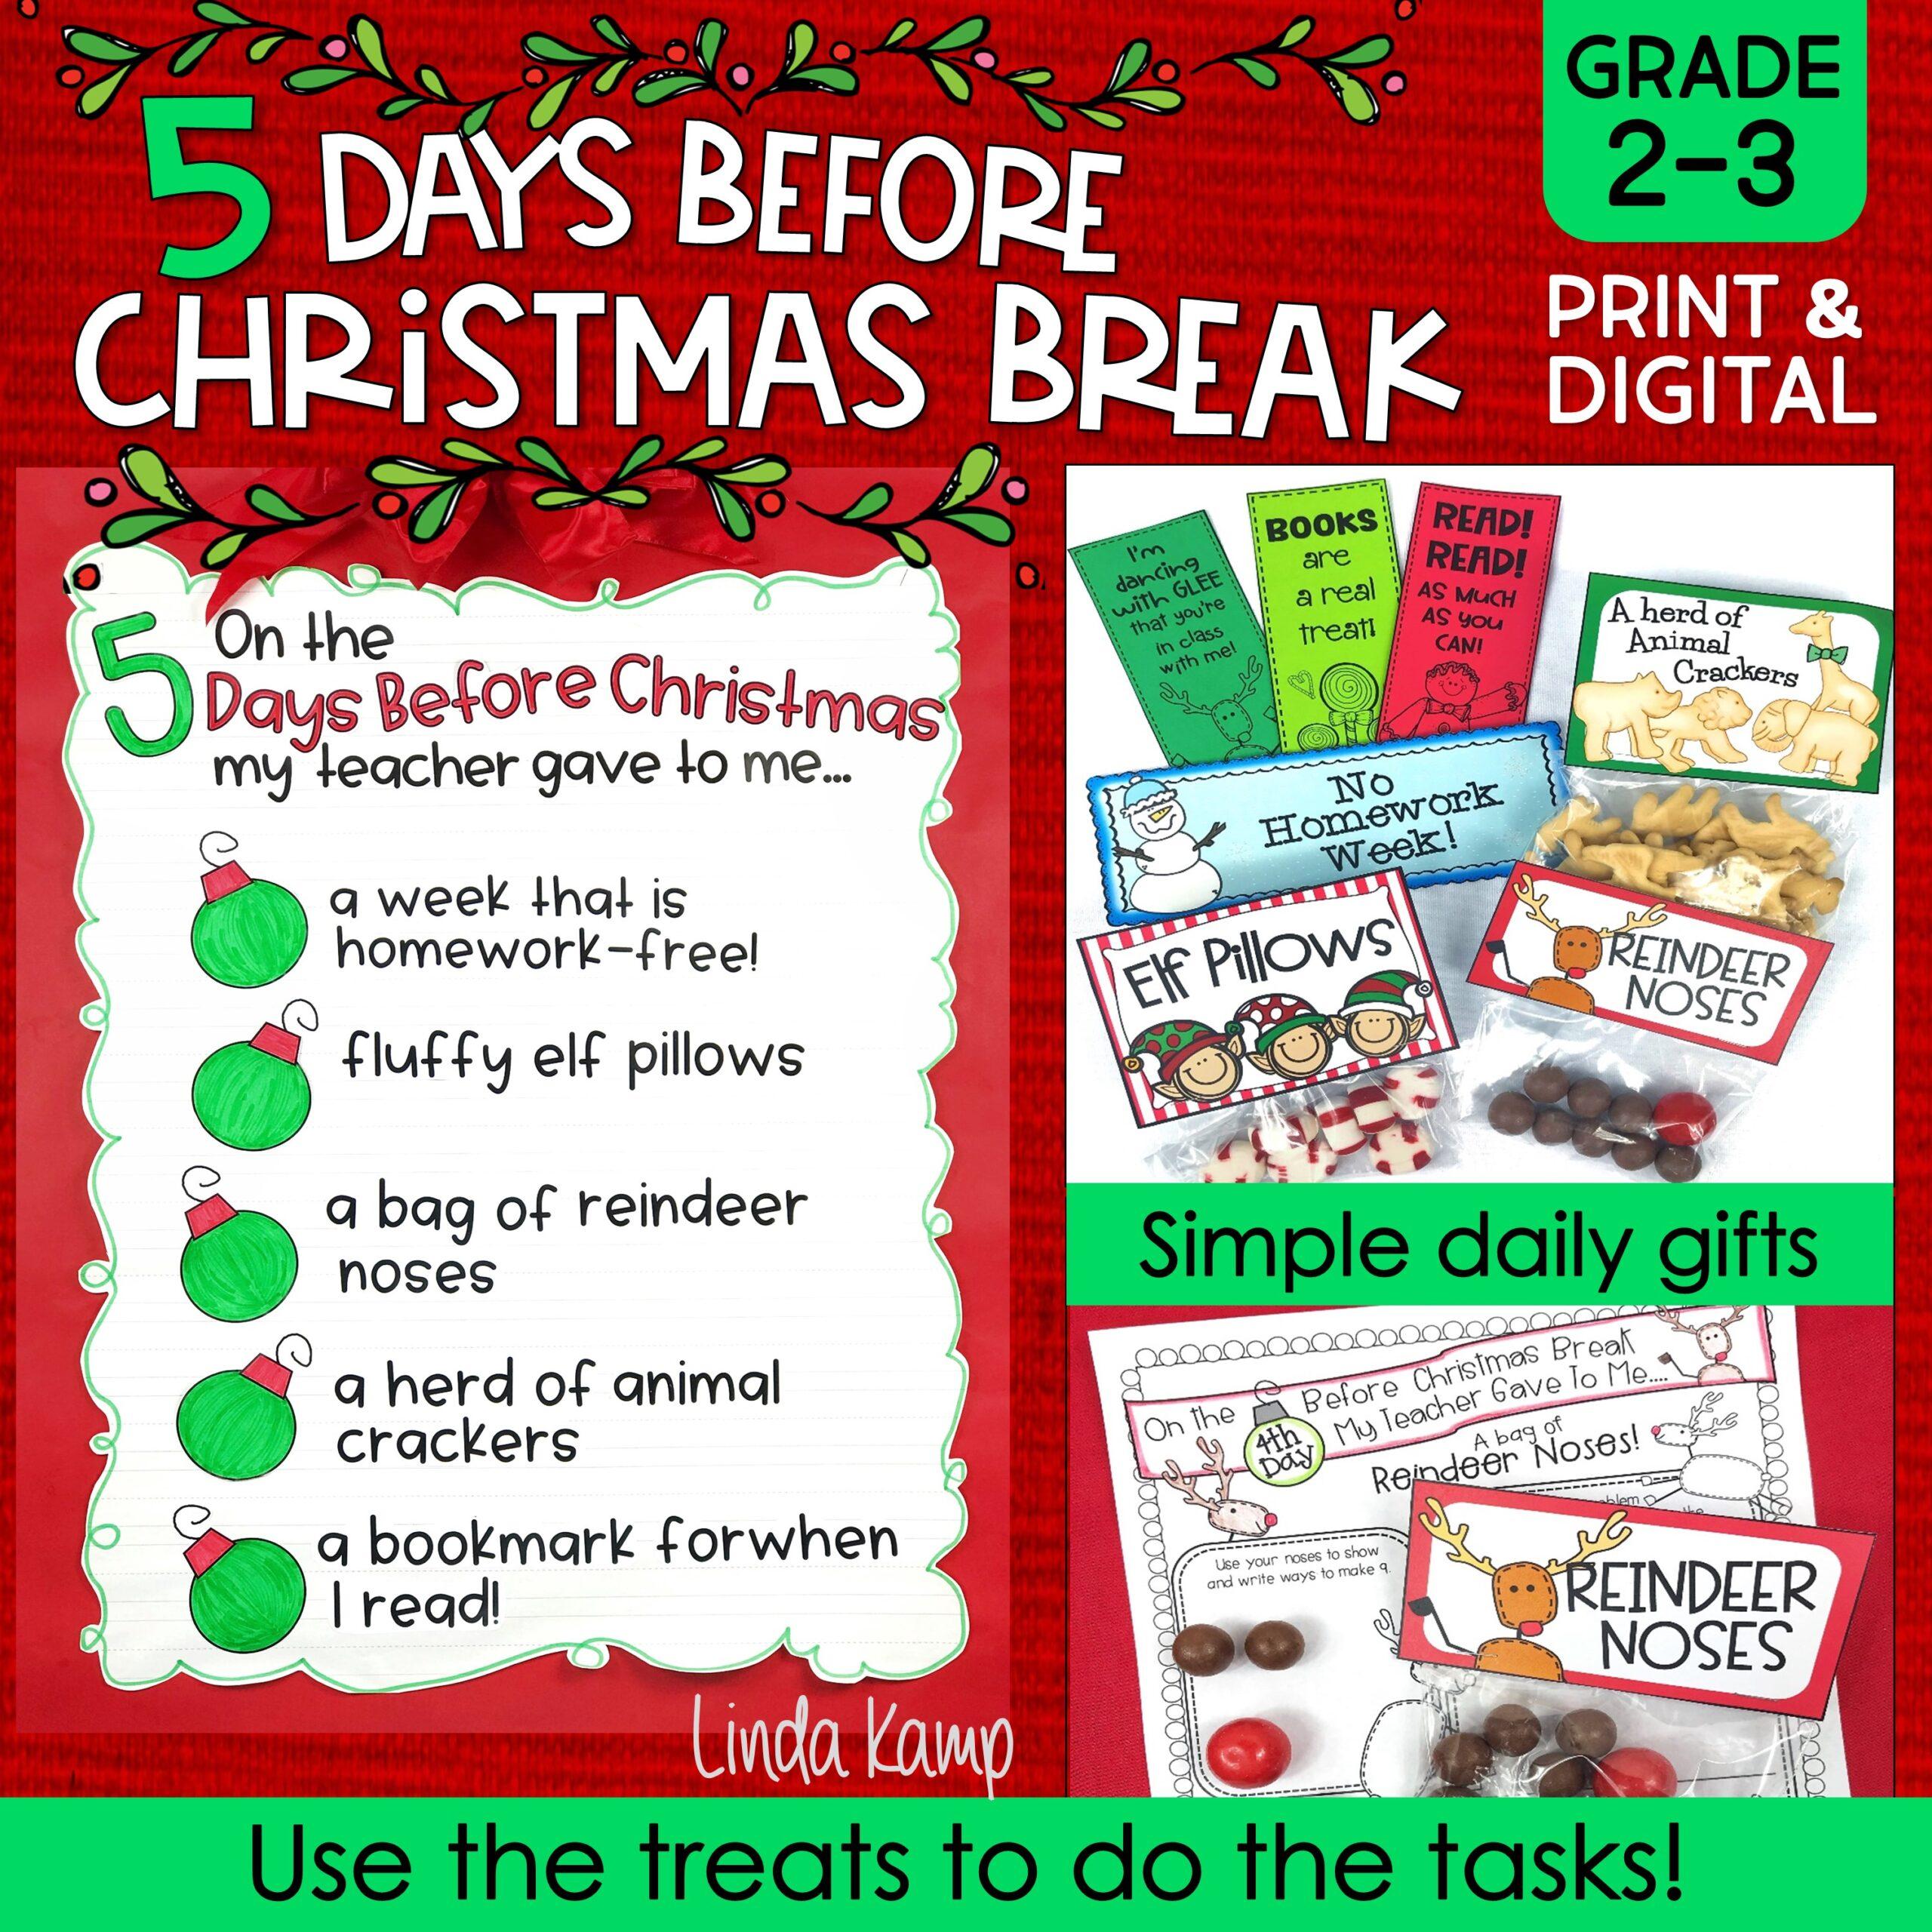 Count down to Christmas Break countdown activities